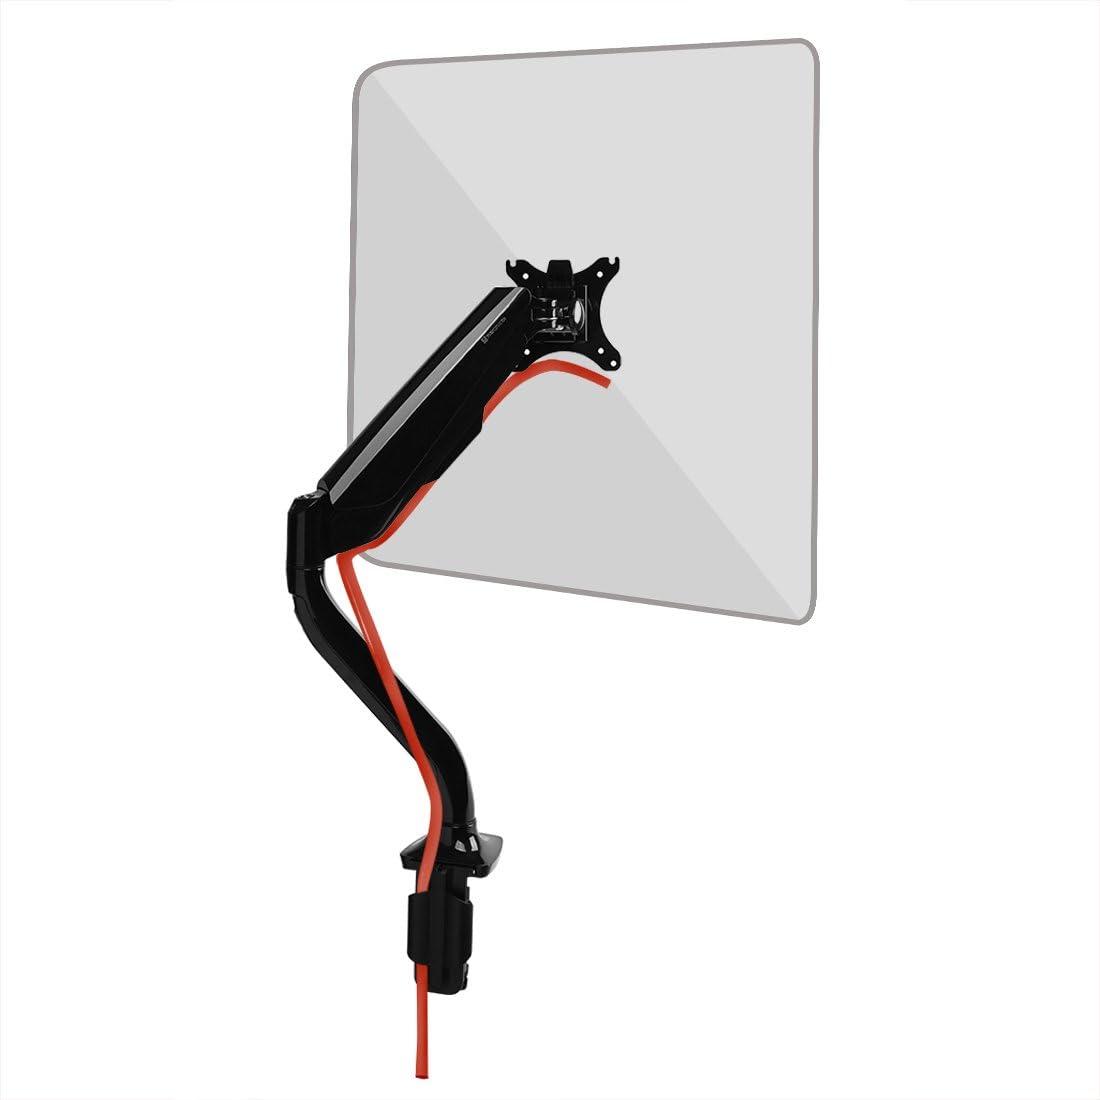 Fleximounts F8 Für 24 36 Lcd Led Tv Bildschirme Computer Zubehör